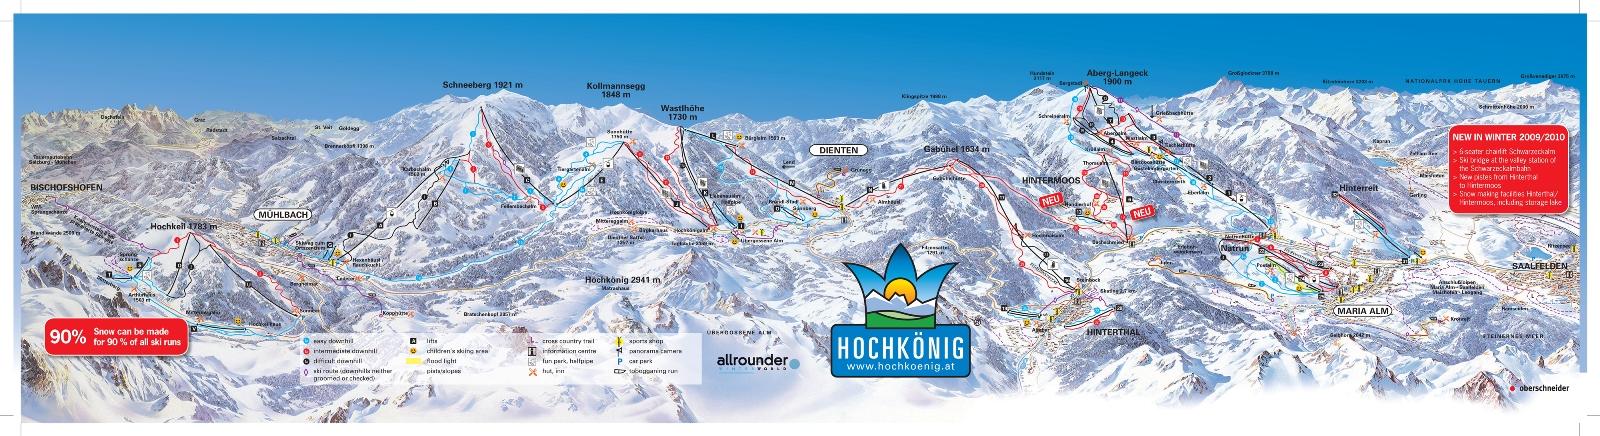 Hochkönig ski map